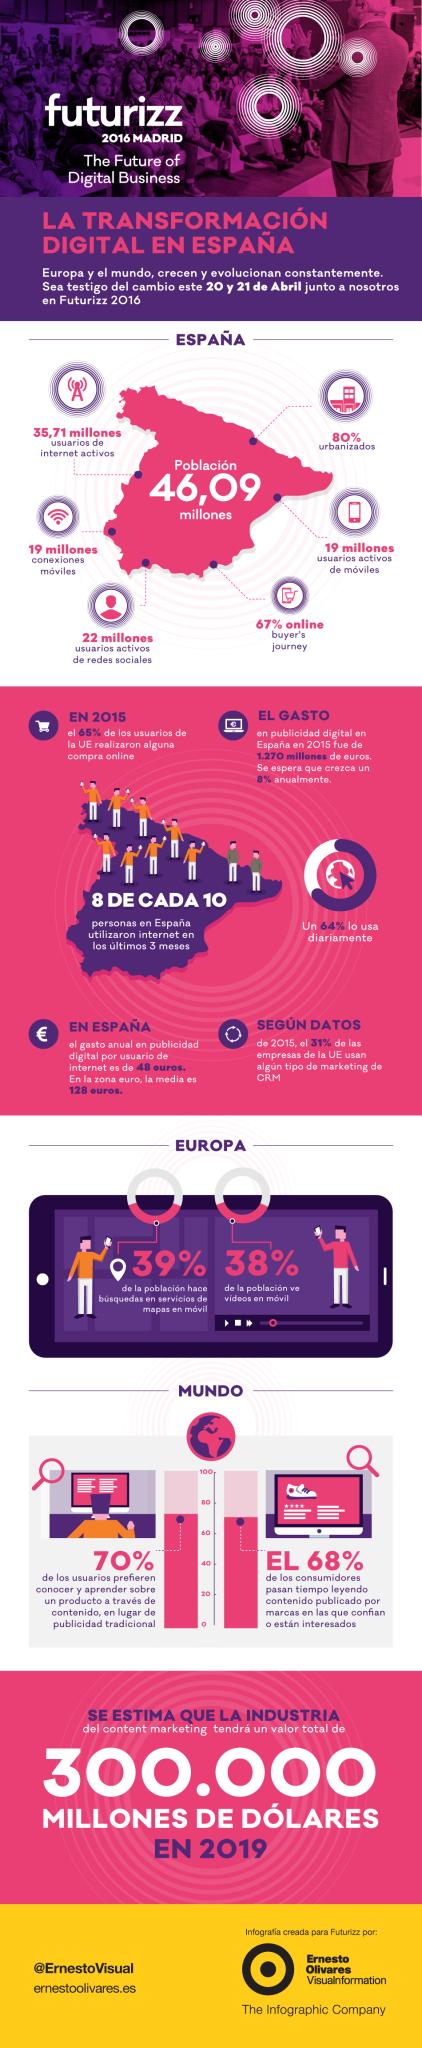 infografía sobre transformación digital